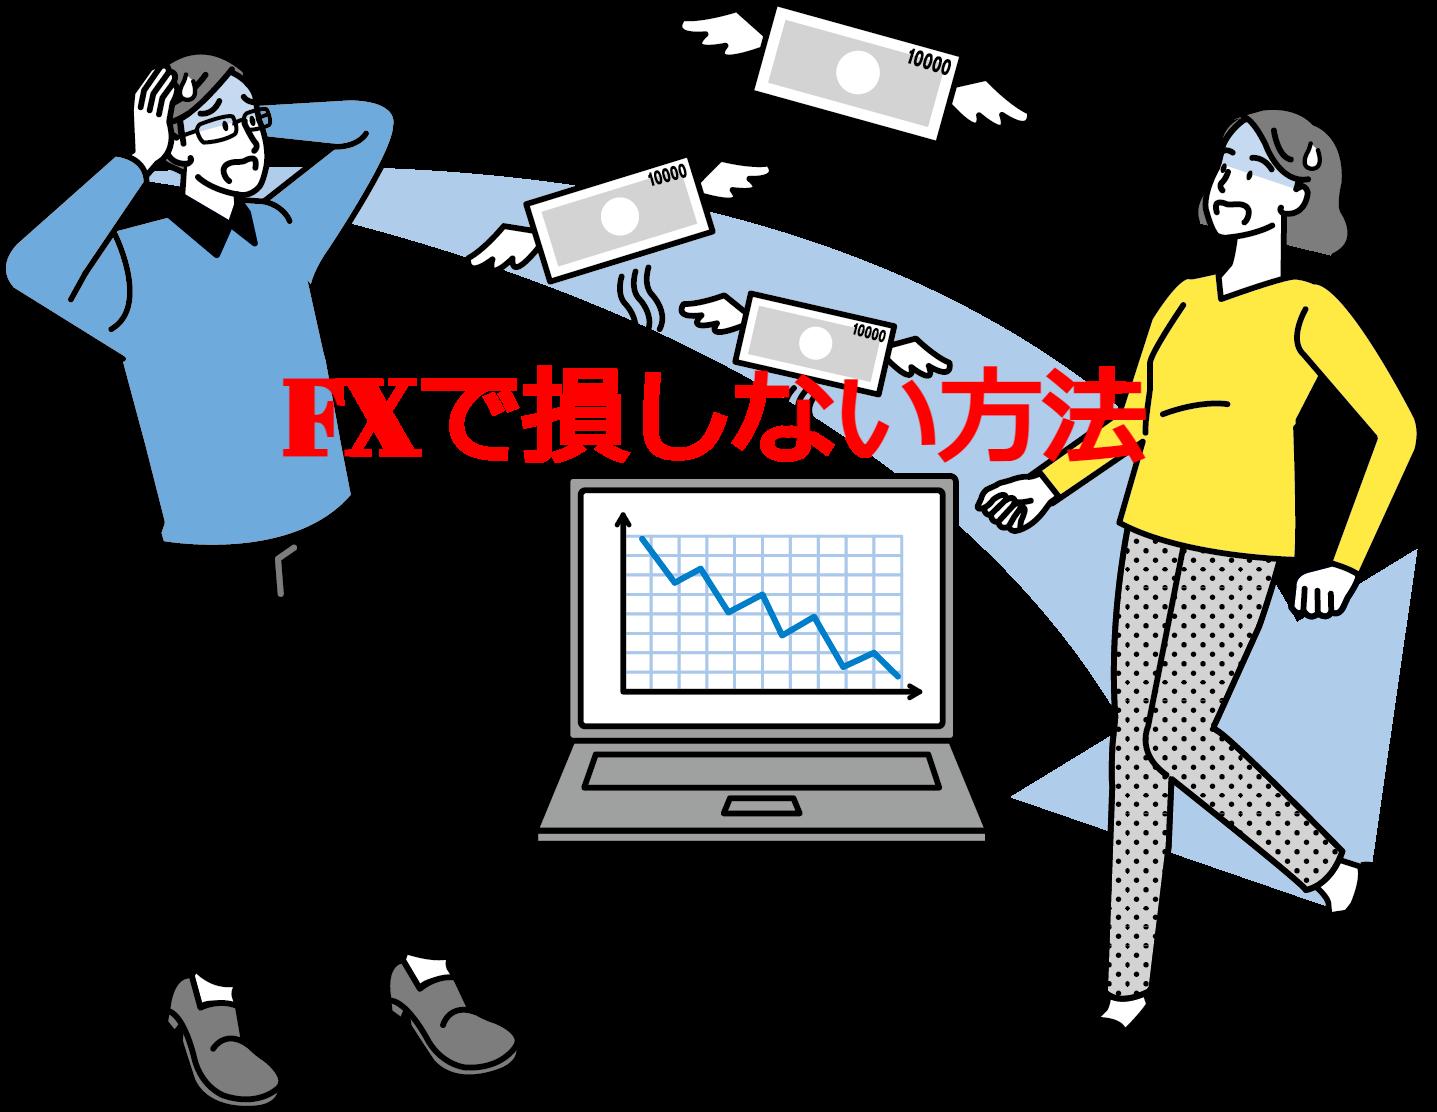 【超初心者向け】FXで損しない方法